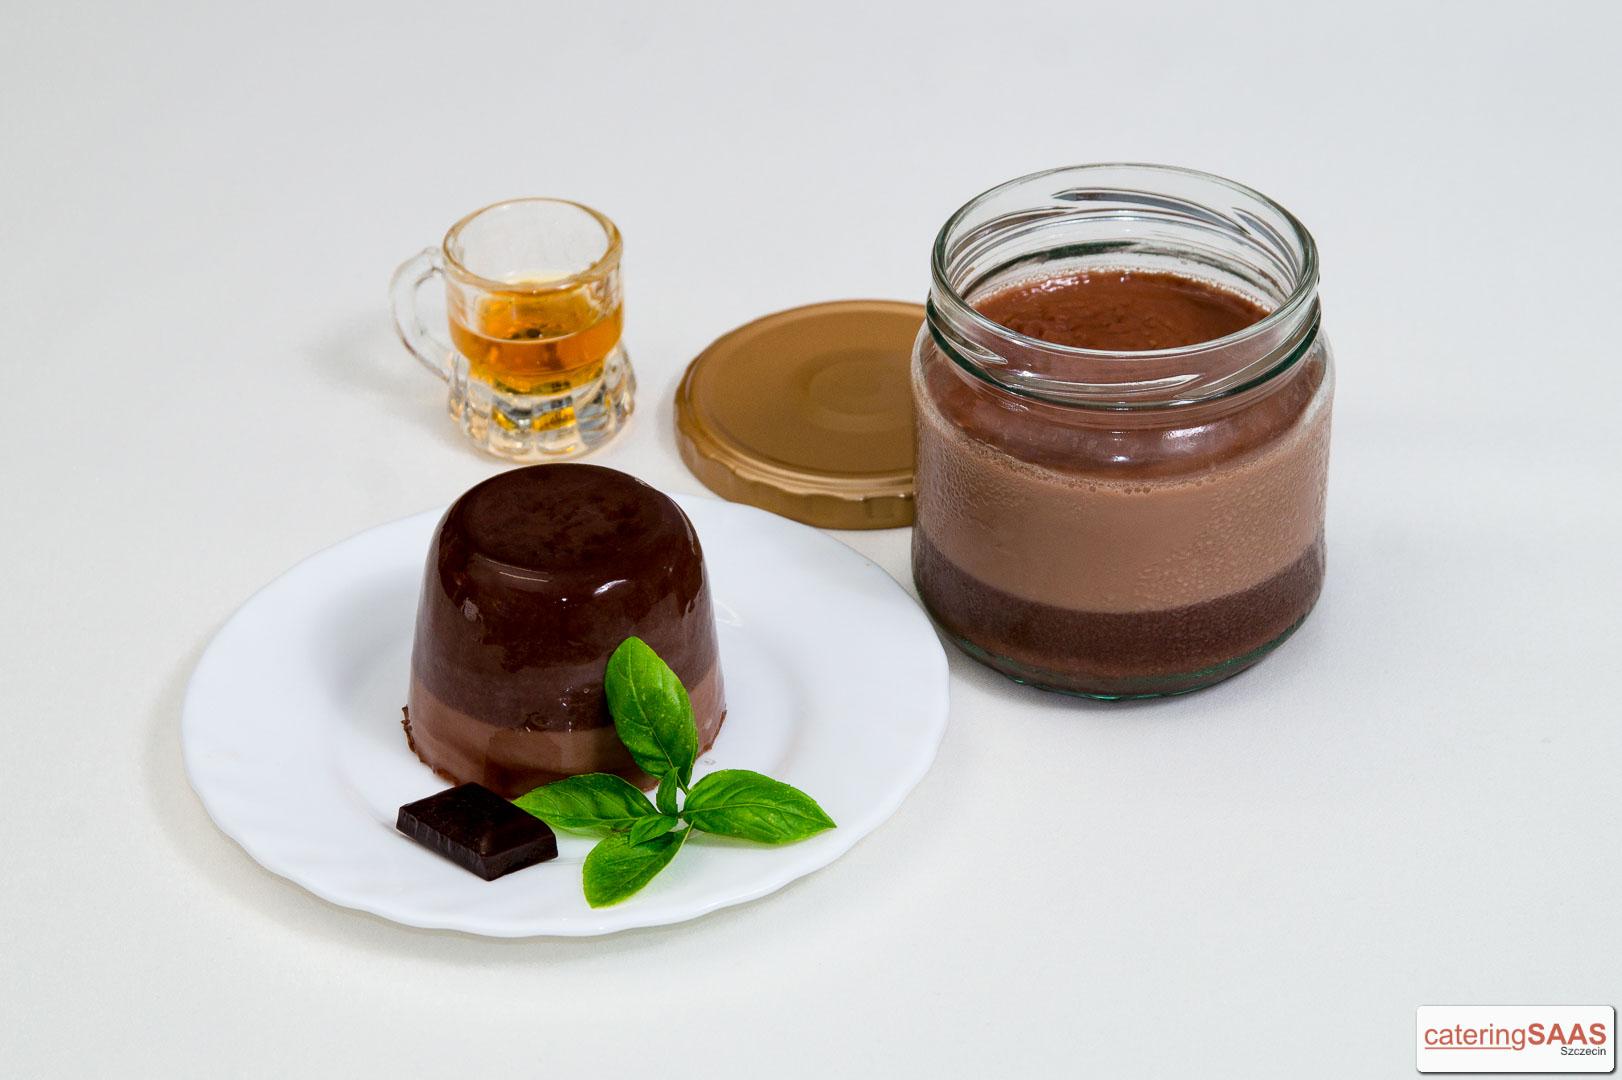 Saas czekoladowy z rumem